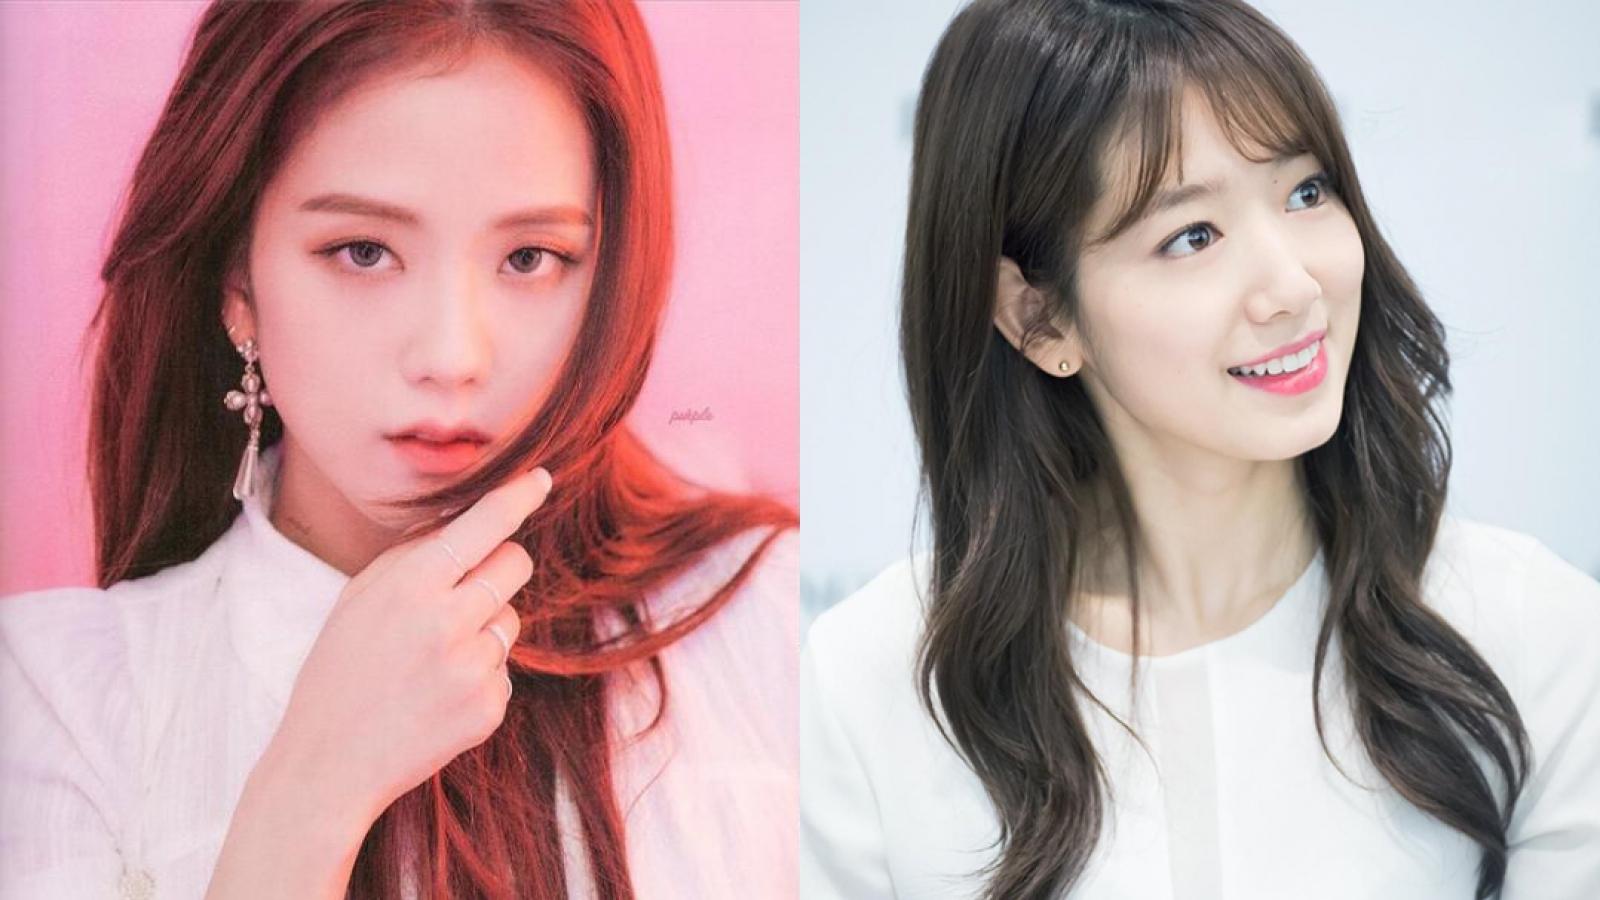 Phim của Jisoo (BLACKPINK), Park Shin Hye đồng loạt ngừng quay vì diễn viên mắc Covid-19